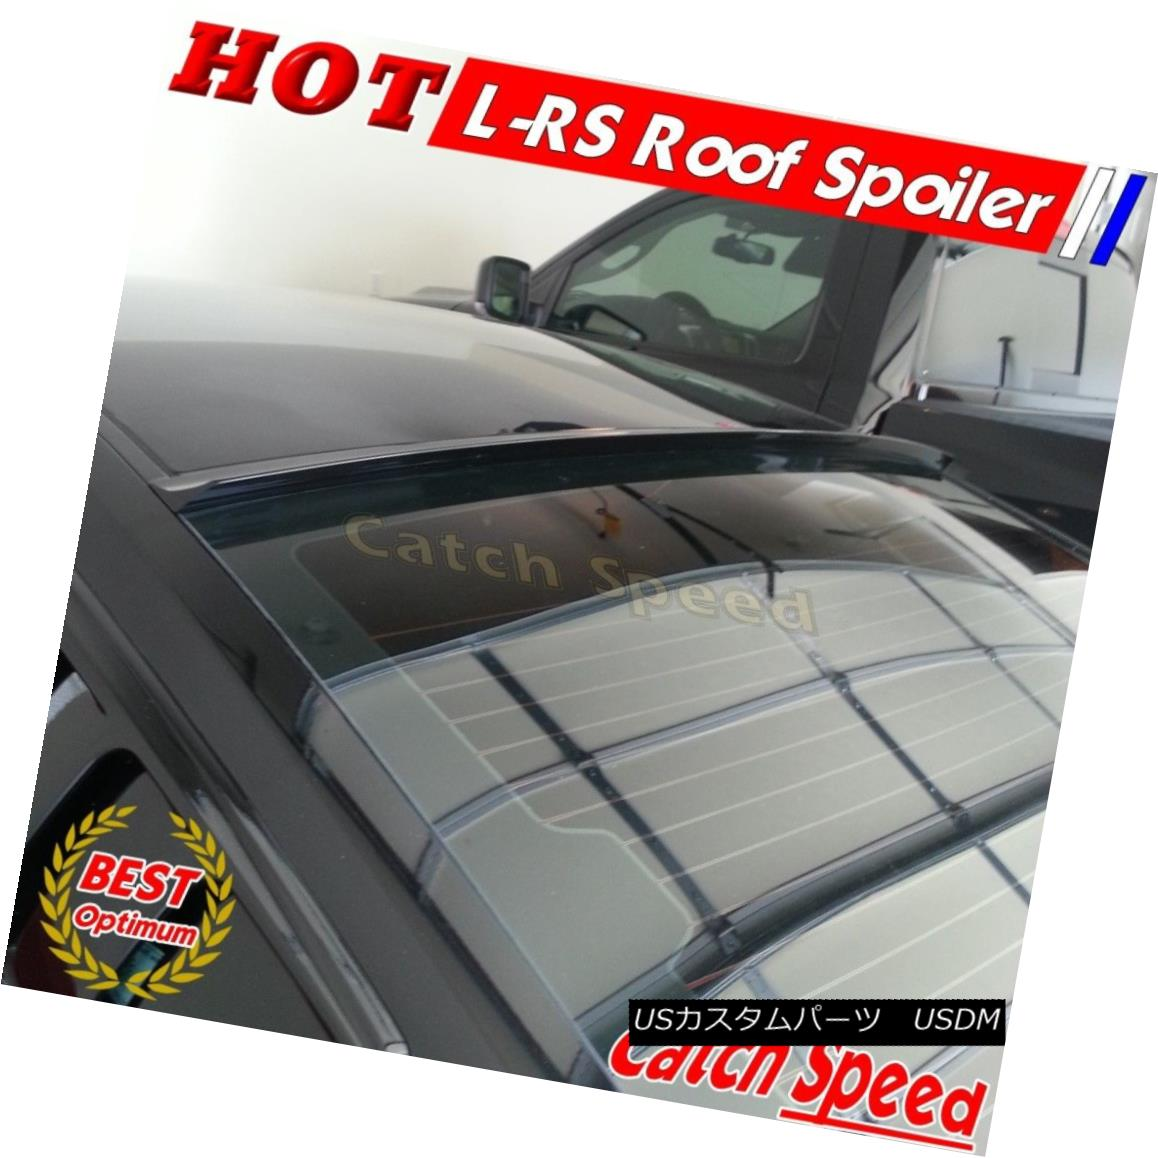 エアロパーツ Painted LRS Style Rear Roof Spoiler Wing For Ford FOCUS SEDAN 2008-2010 EUR? フォードFOCUS SEDAN 2008-2010 EURのために塗られたLRSスタイルのリアルーフスポイラーウィング?